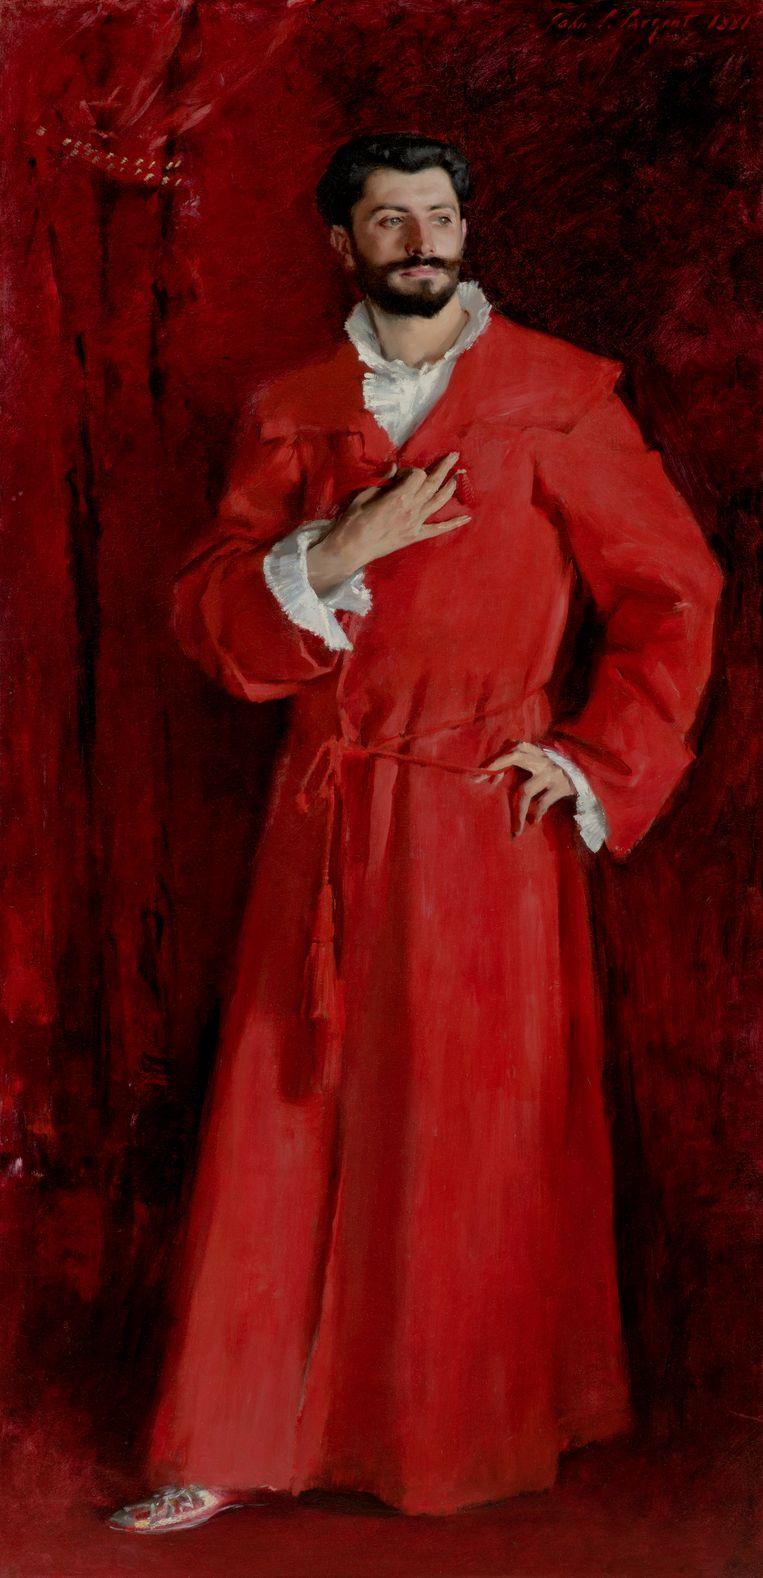 De knappe dr. Pozzi (John Singer Sargent) is geschilderd in rode kamerjas Beeld Hammer Museum